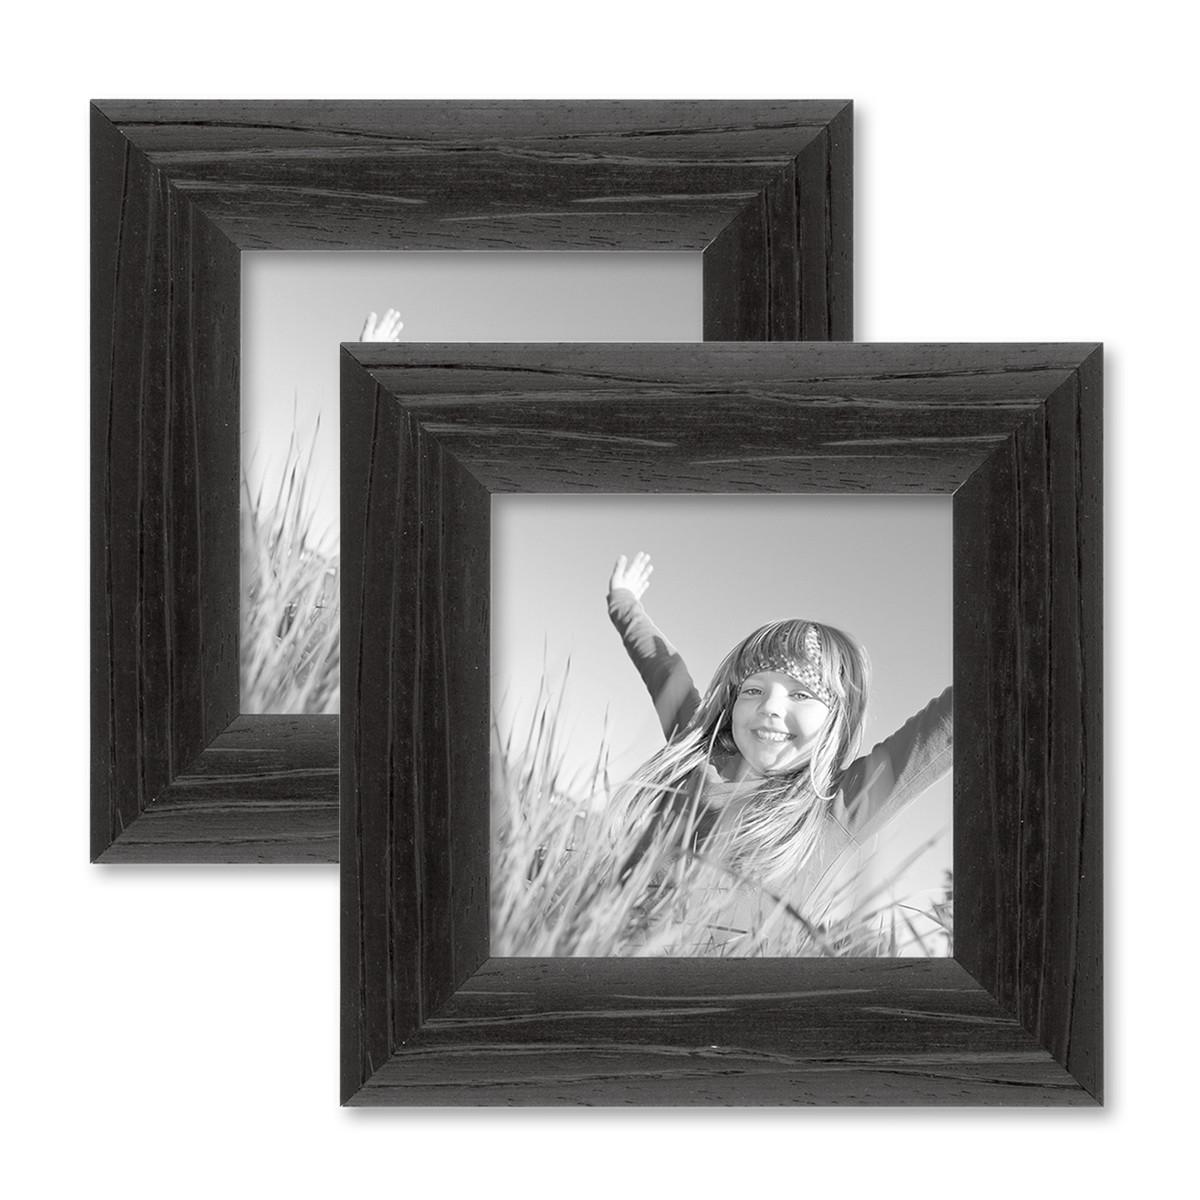 2er set bilderrahmen 10x10 cm schwarz modern massivholz. Black Bedroom Furniture Sets. Home Design Ideas